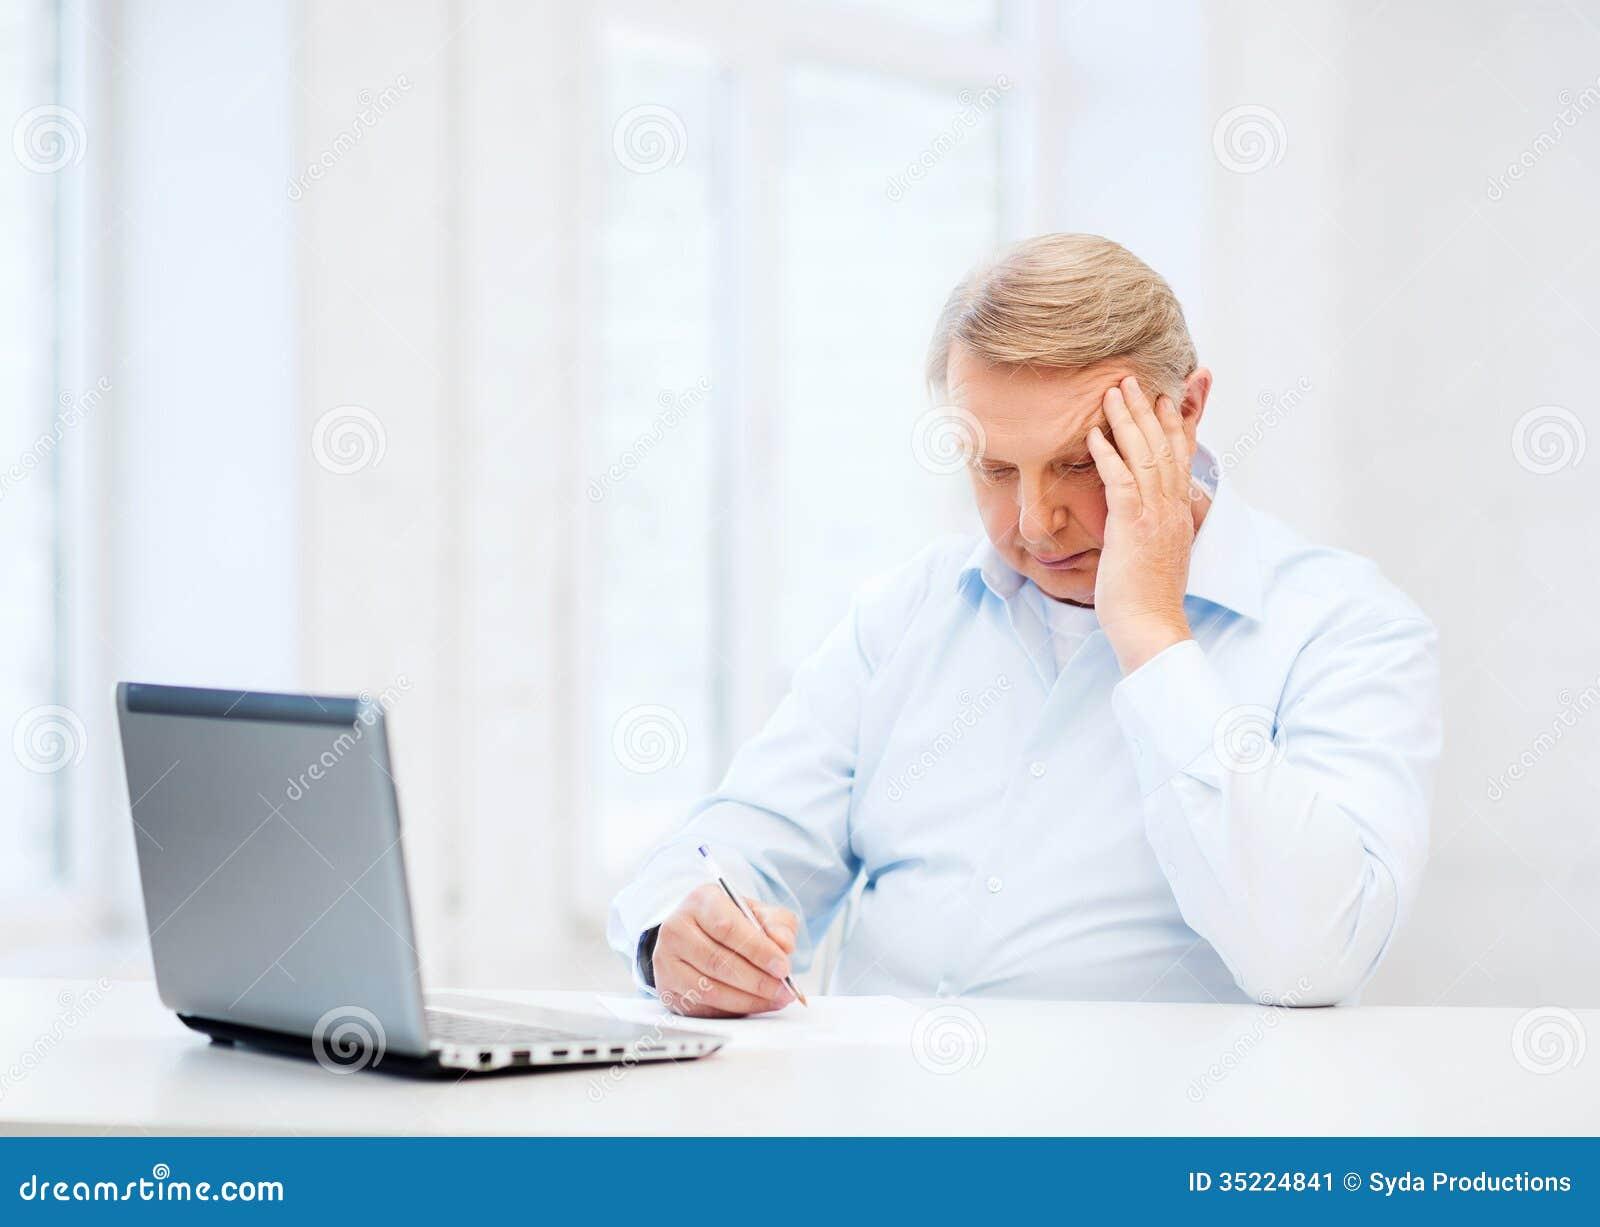 old man filling a form at home stock image image 35224841. Black Bedroom Furniture Sets. Home Design Ideas